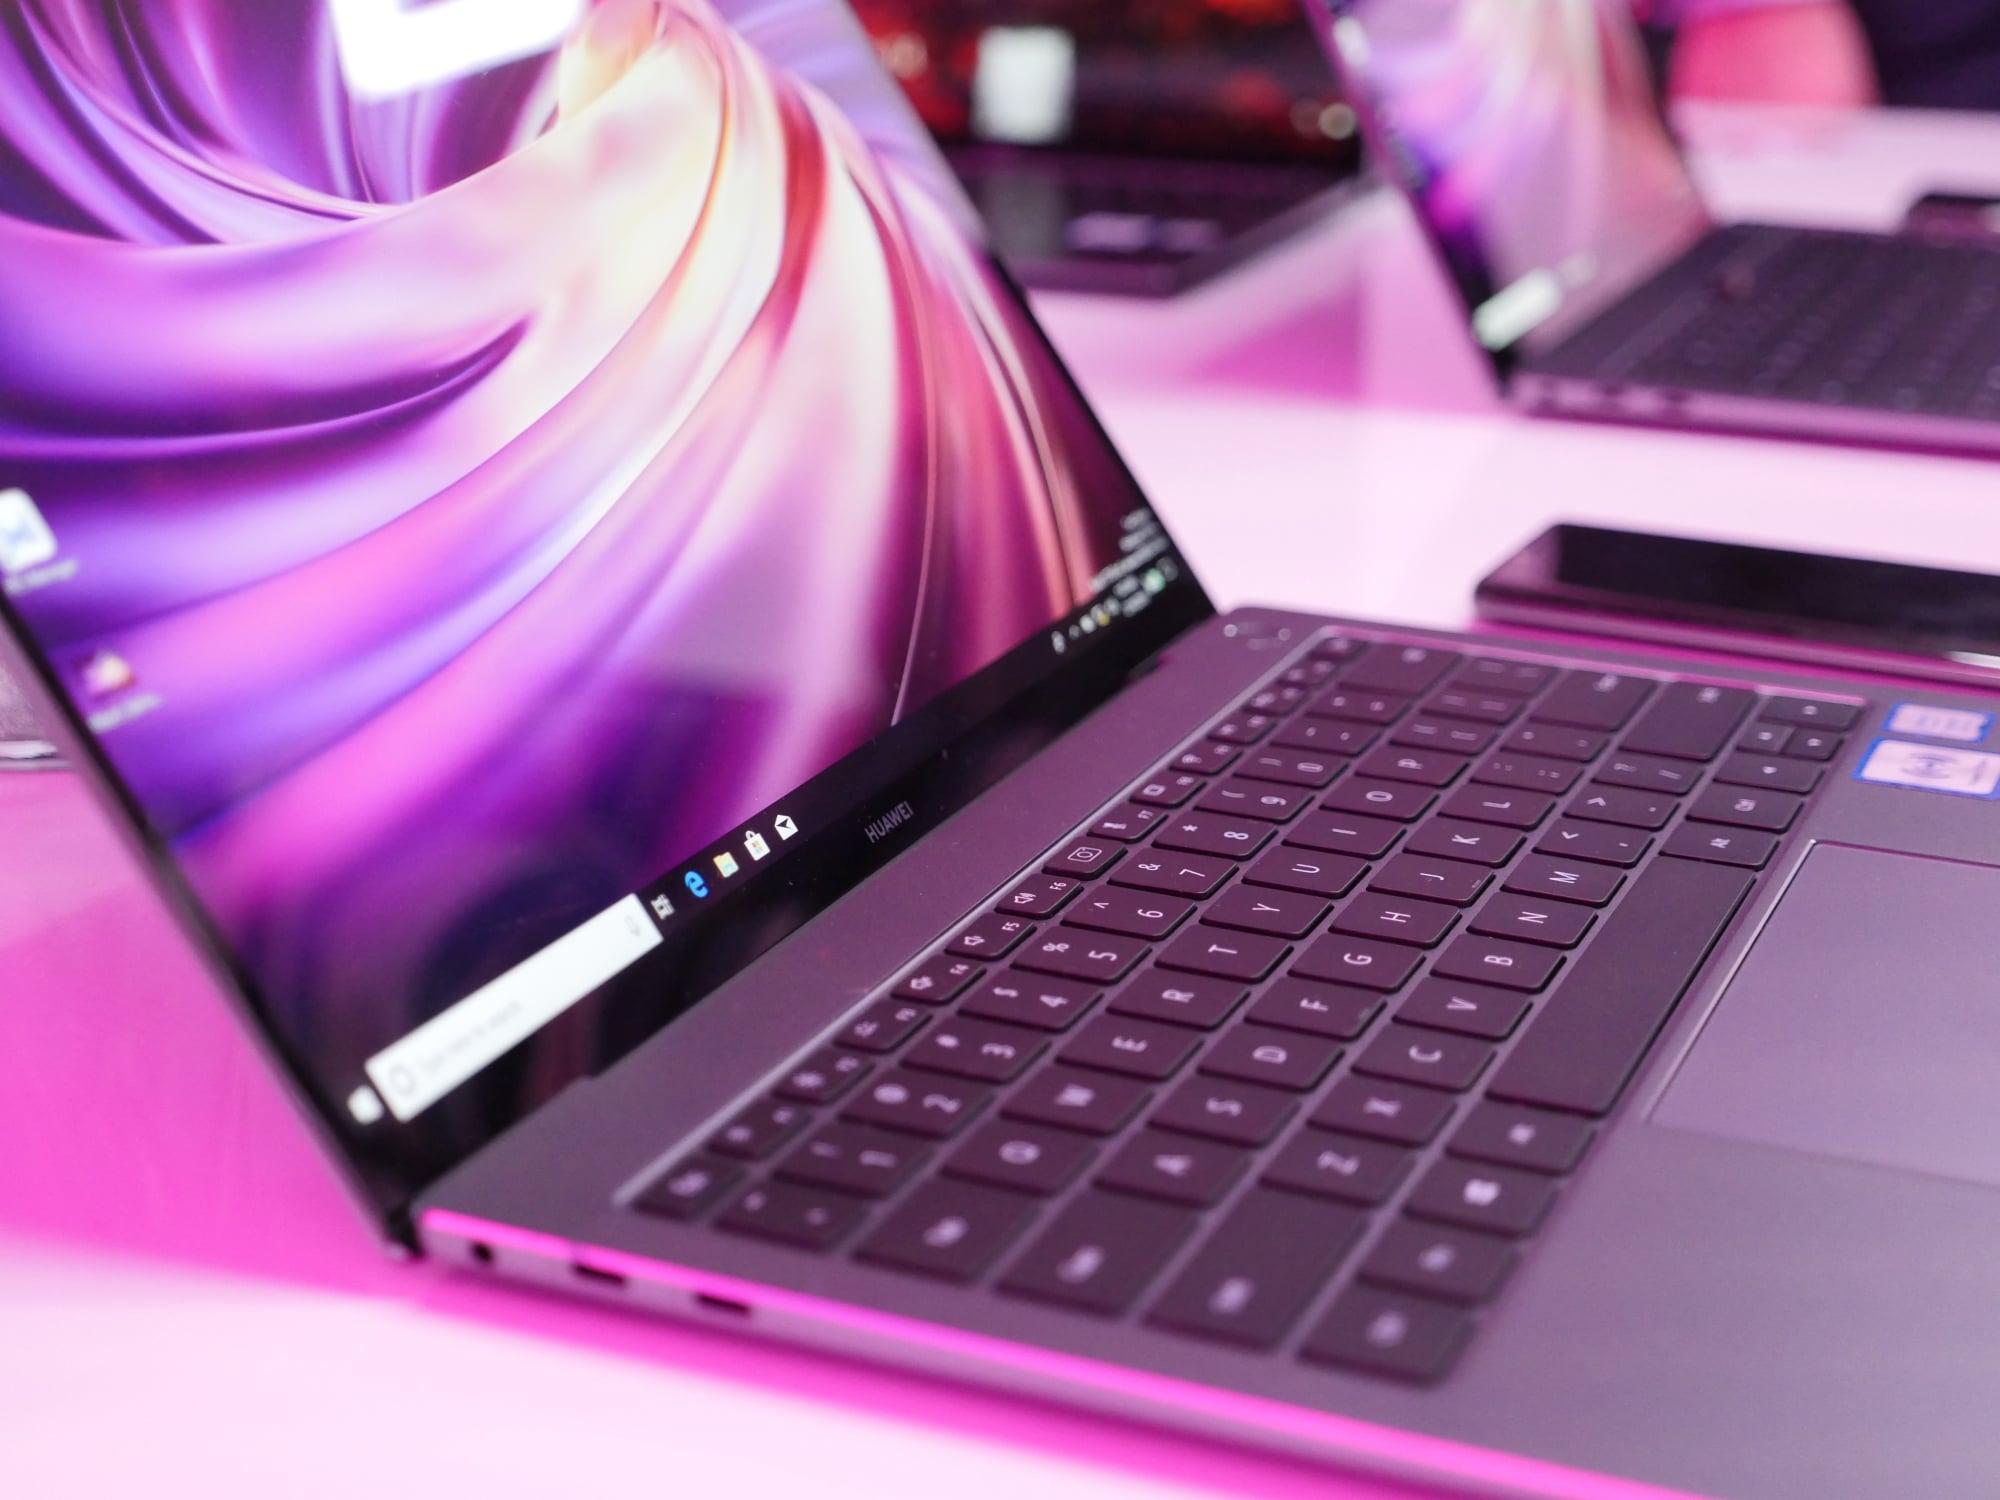 Huawei pokazał trzy ciekawe laptopy, a mnie bardziej od nich interesuje samo oprogramowanie 35